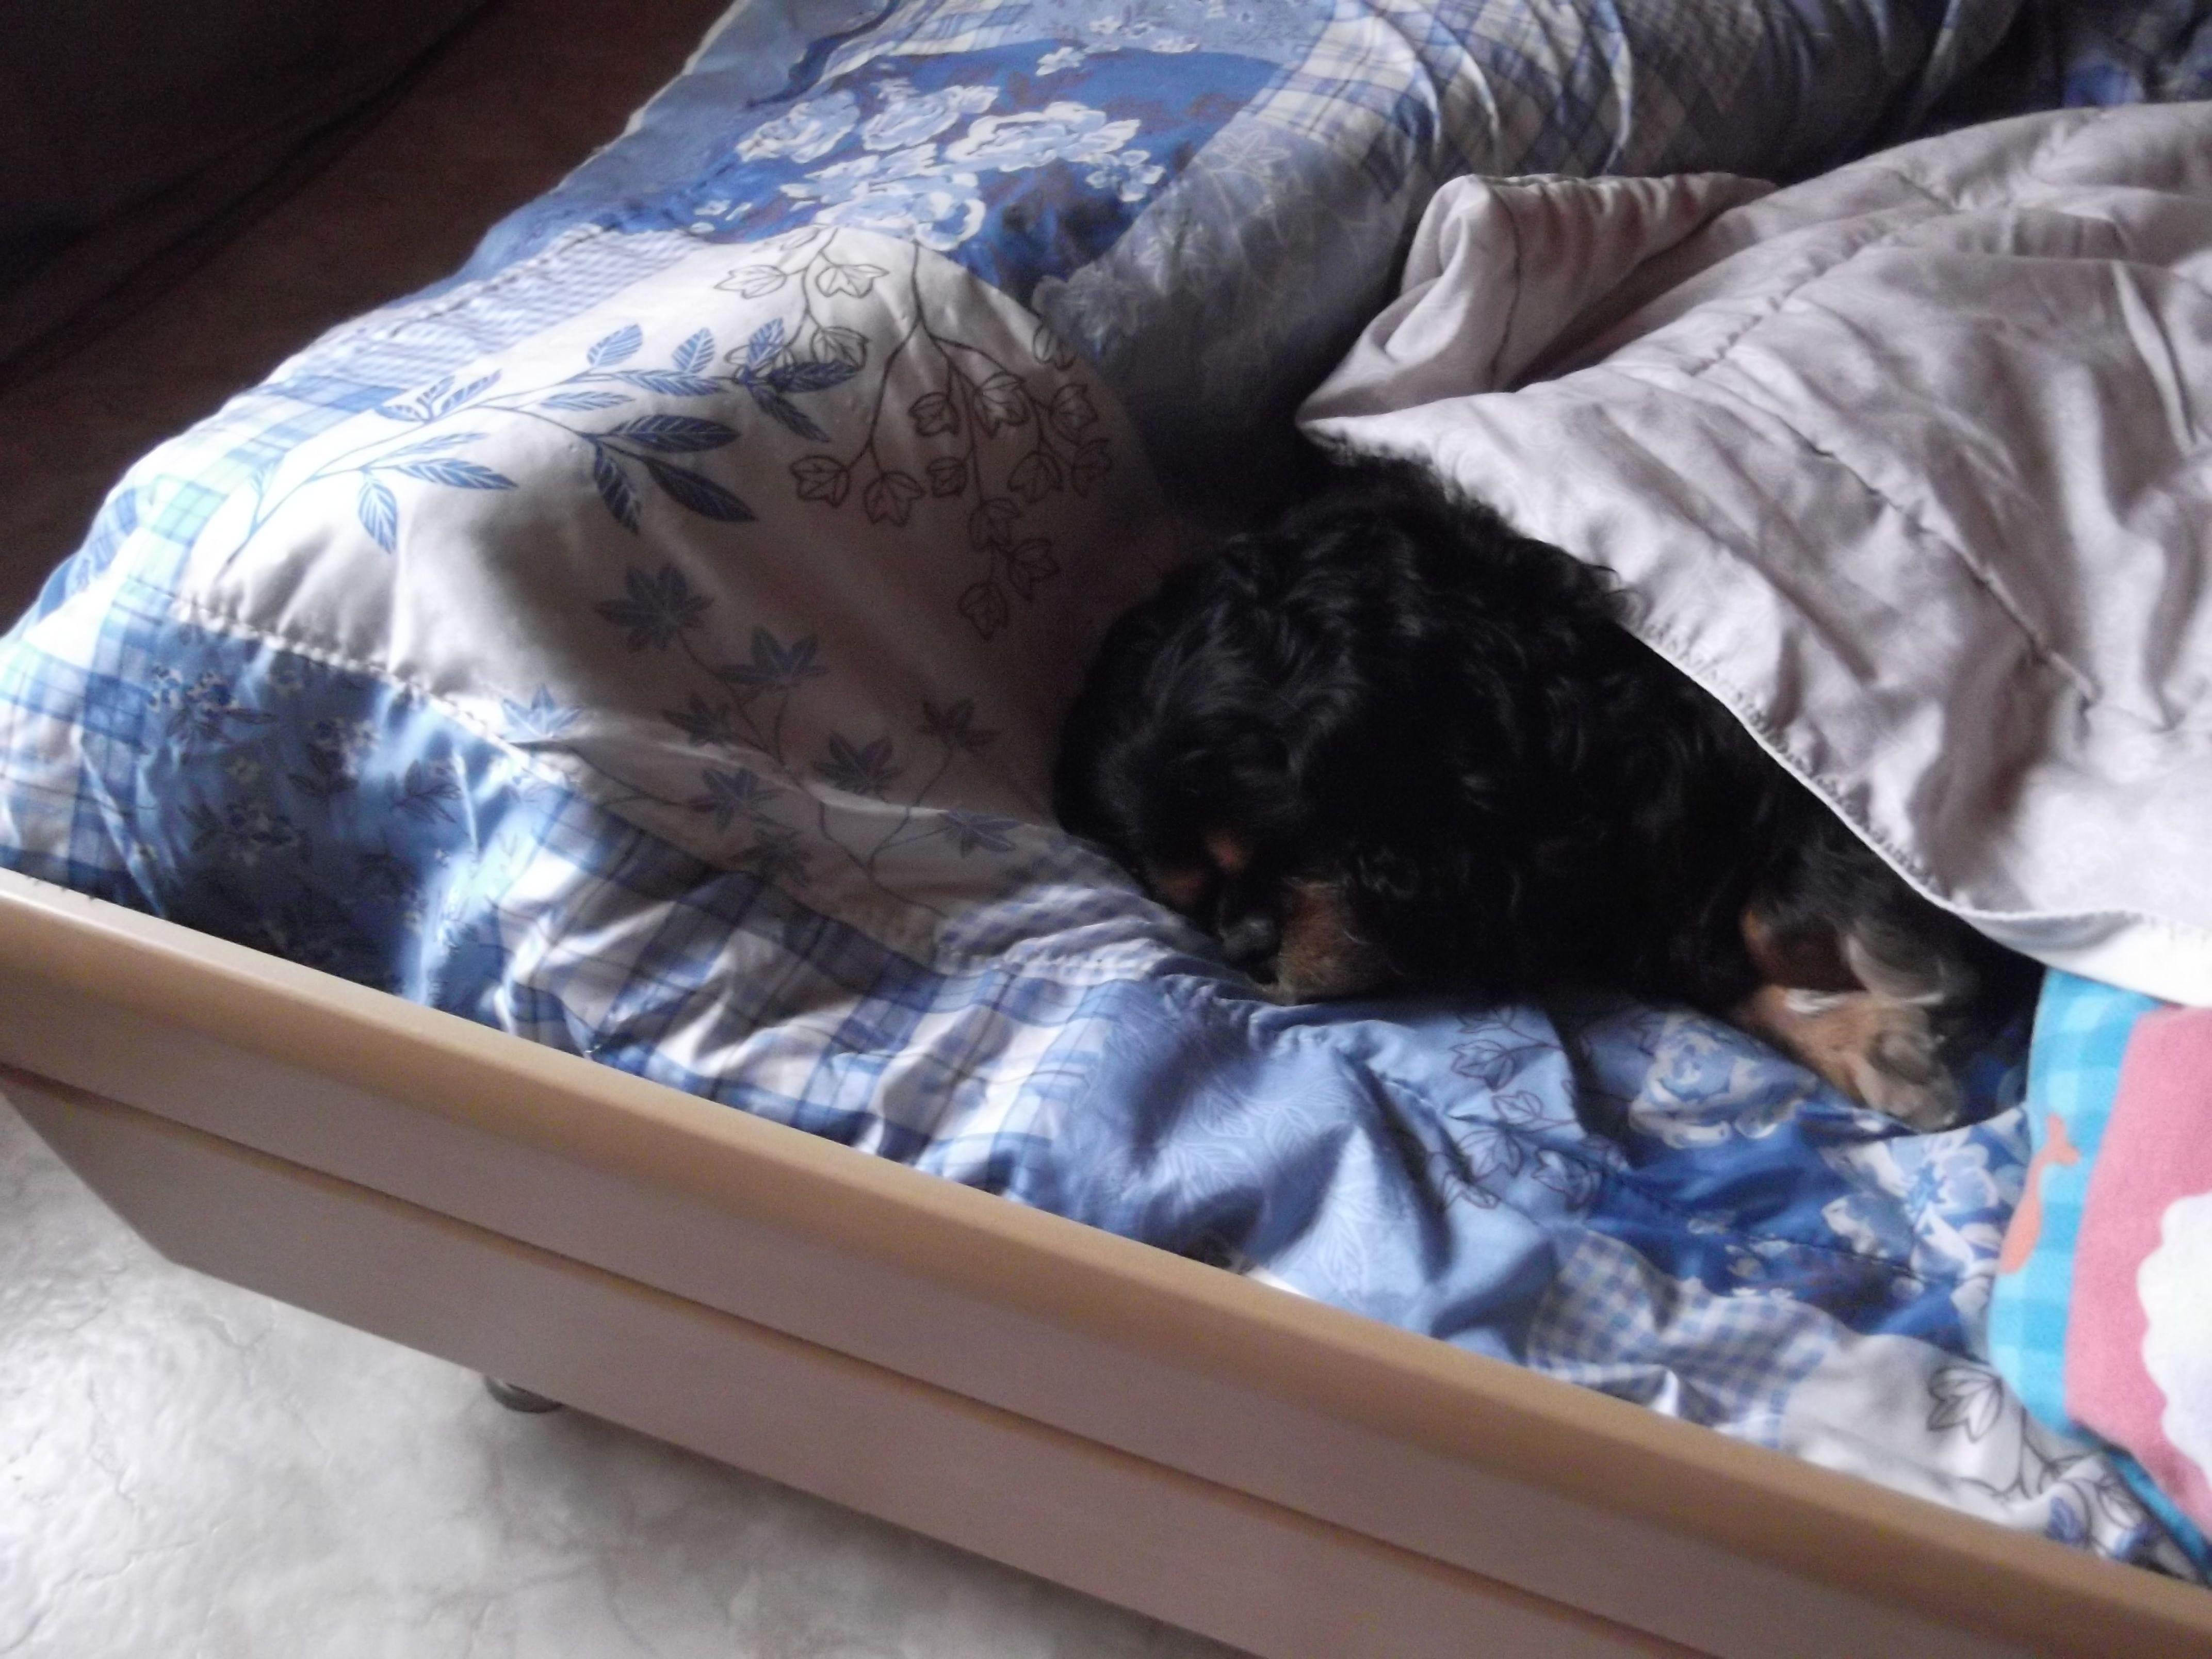 Beau : lekker uitslapen !